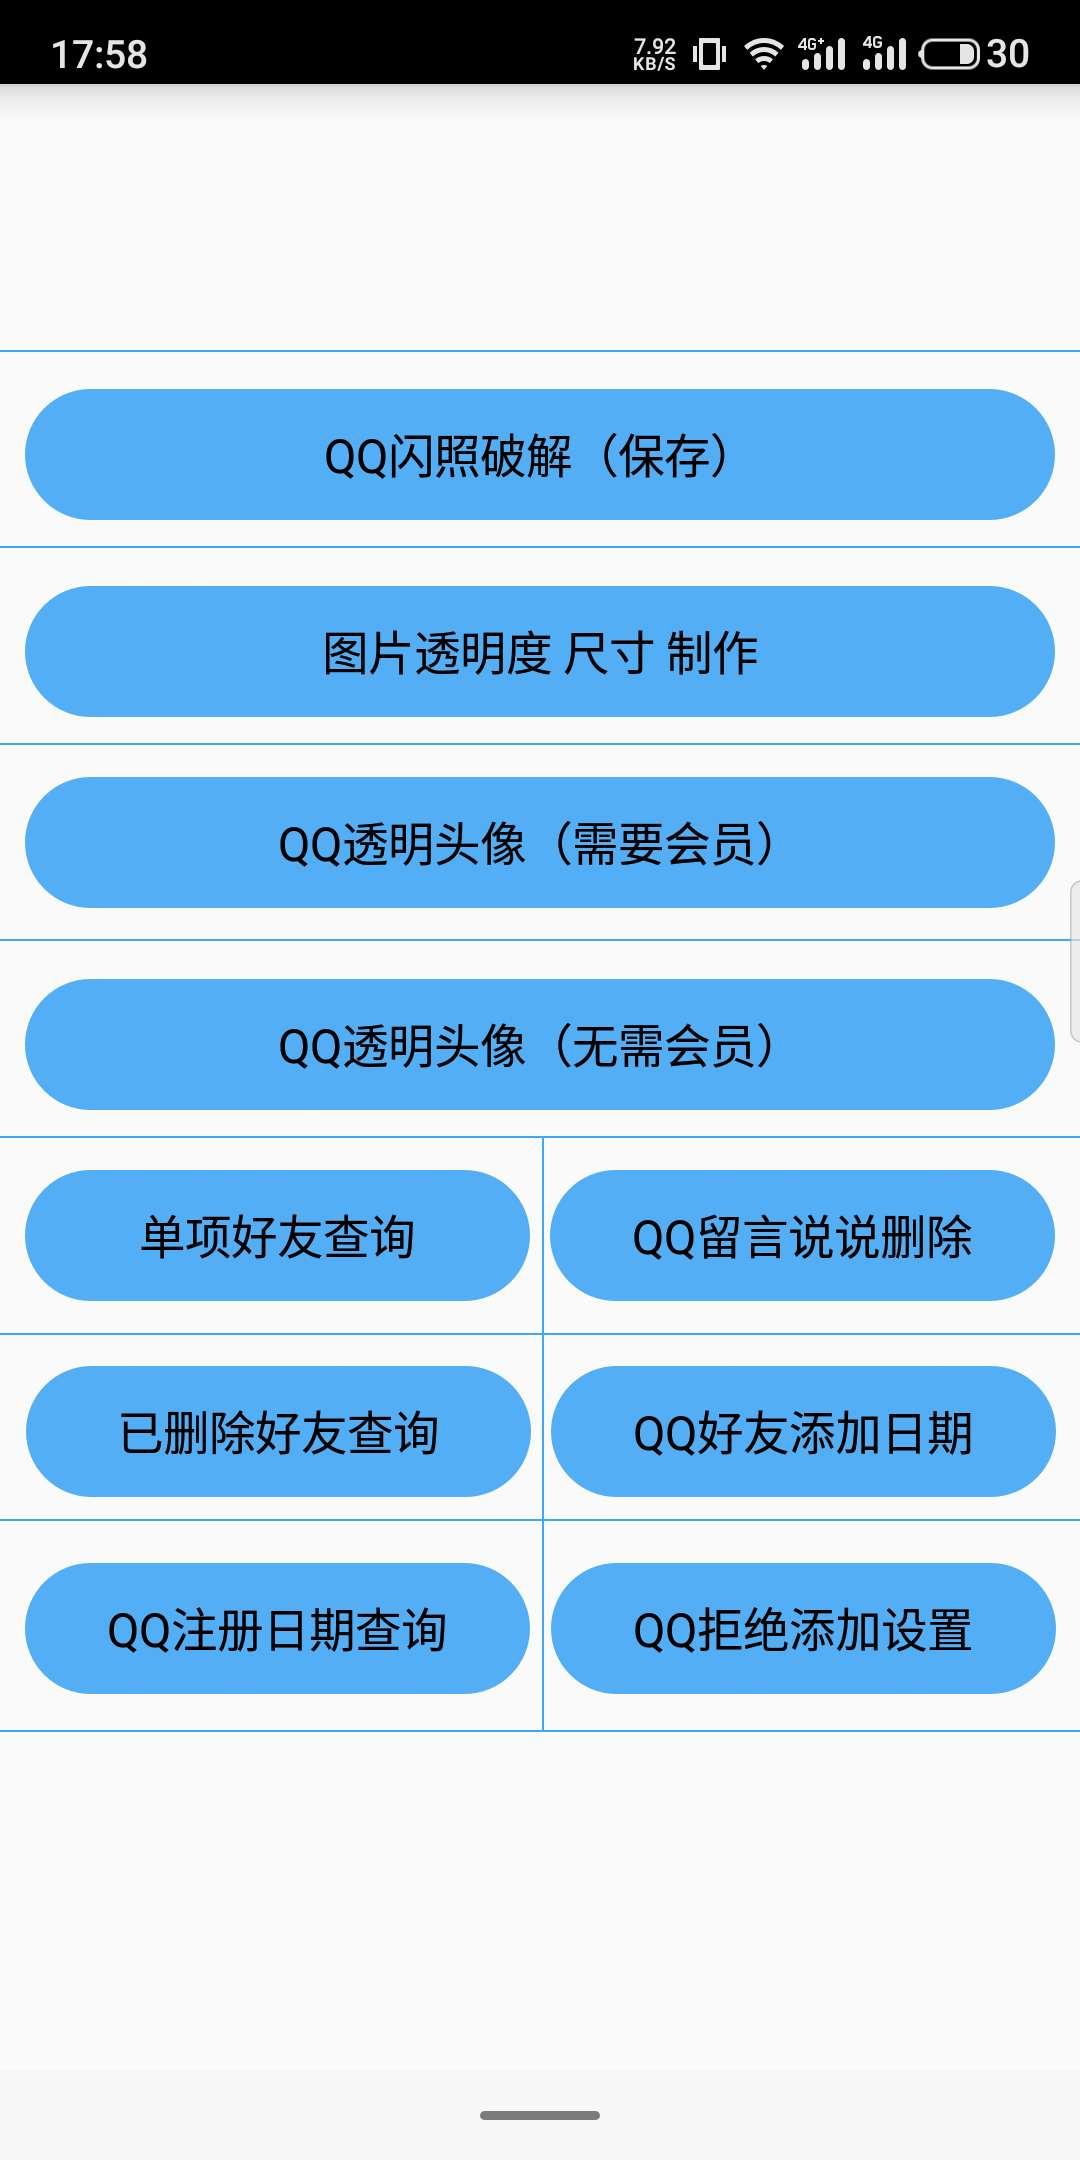 【分享】布偶必备工具V5.8 (留言说说删除 闪照破解保存)